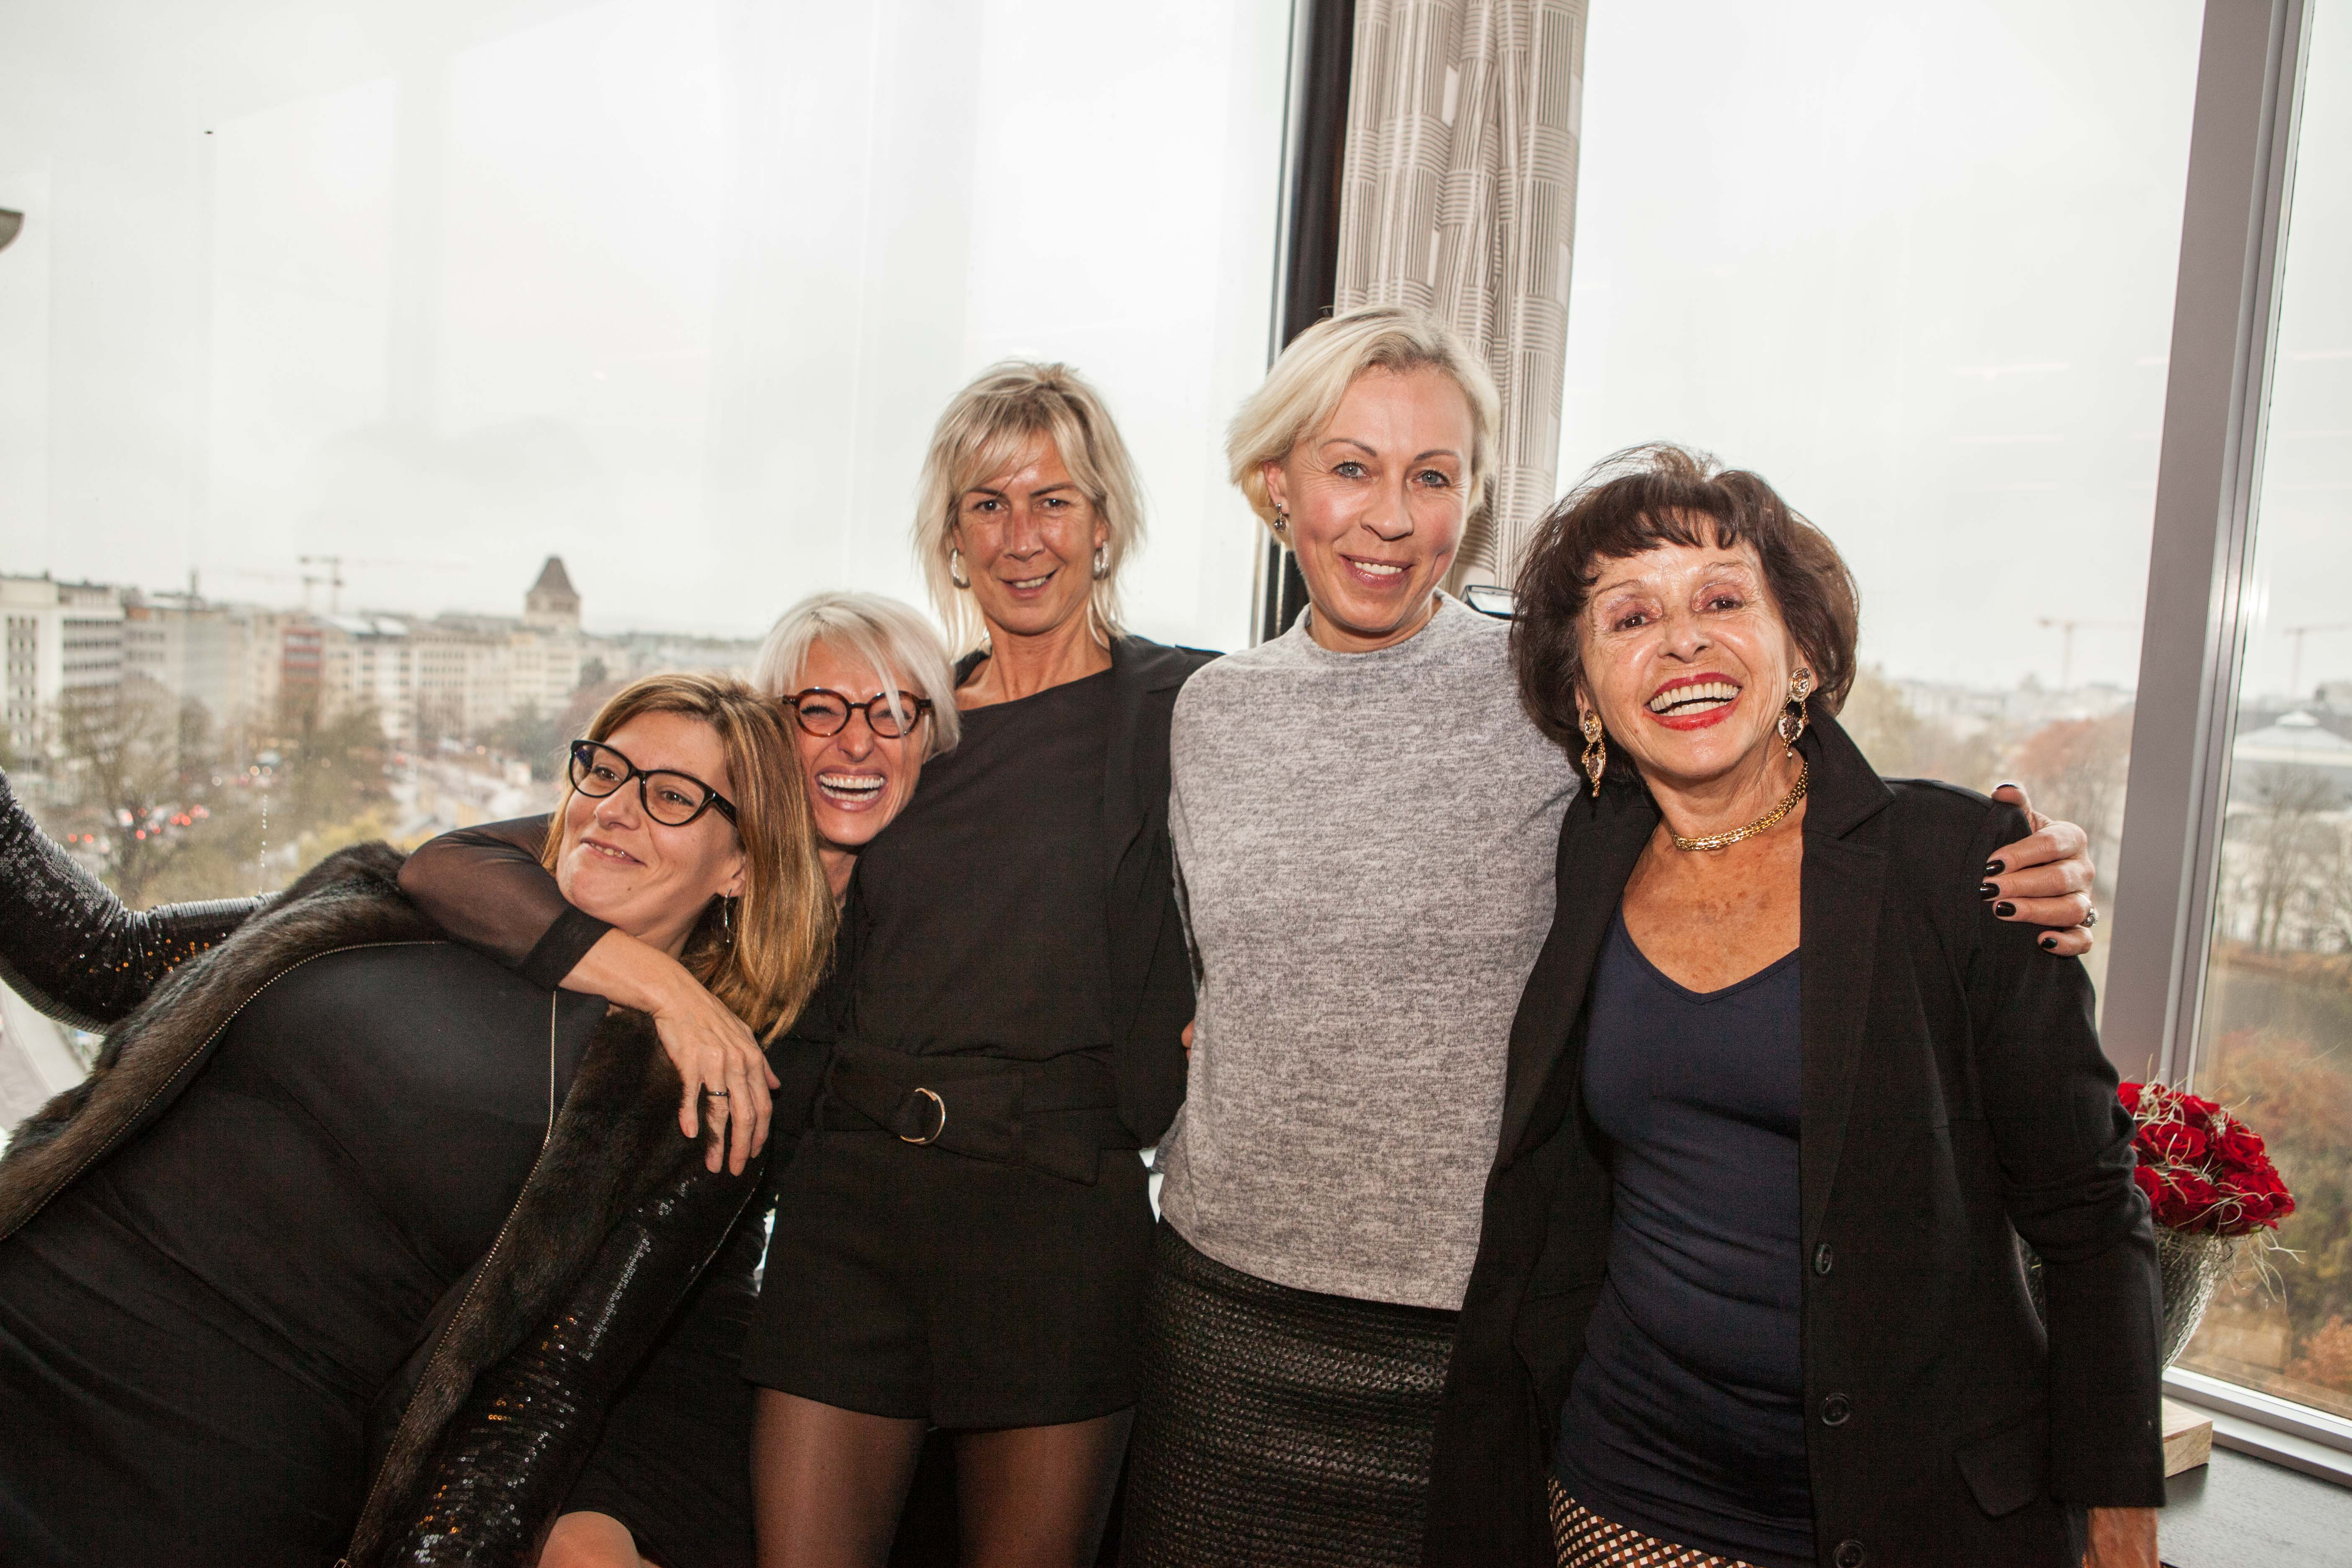 Aurore_DULIEU,_Angélique_LAENEN,_Mariette_DEL_BON,_Sylvie_FASBINDER_et_Poupa_SCHULZ